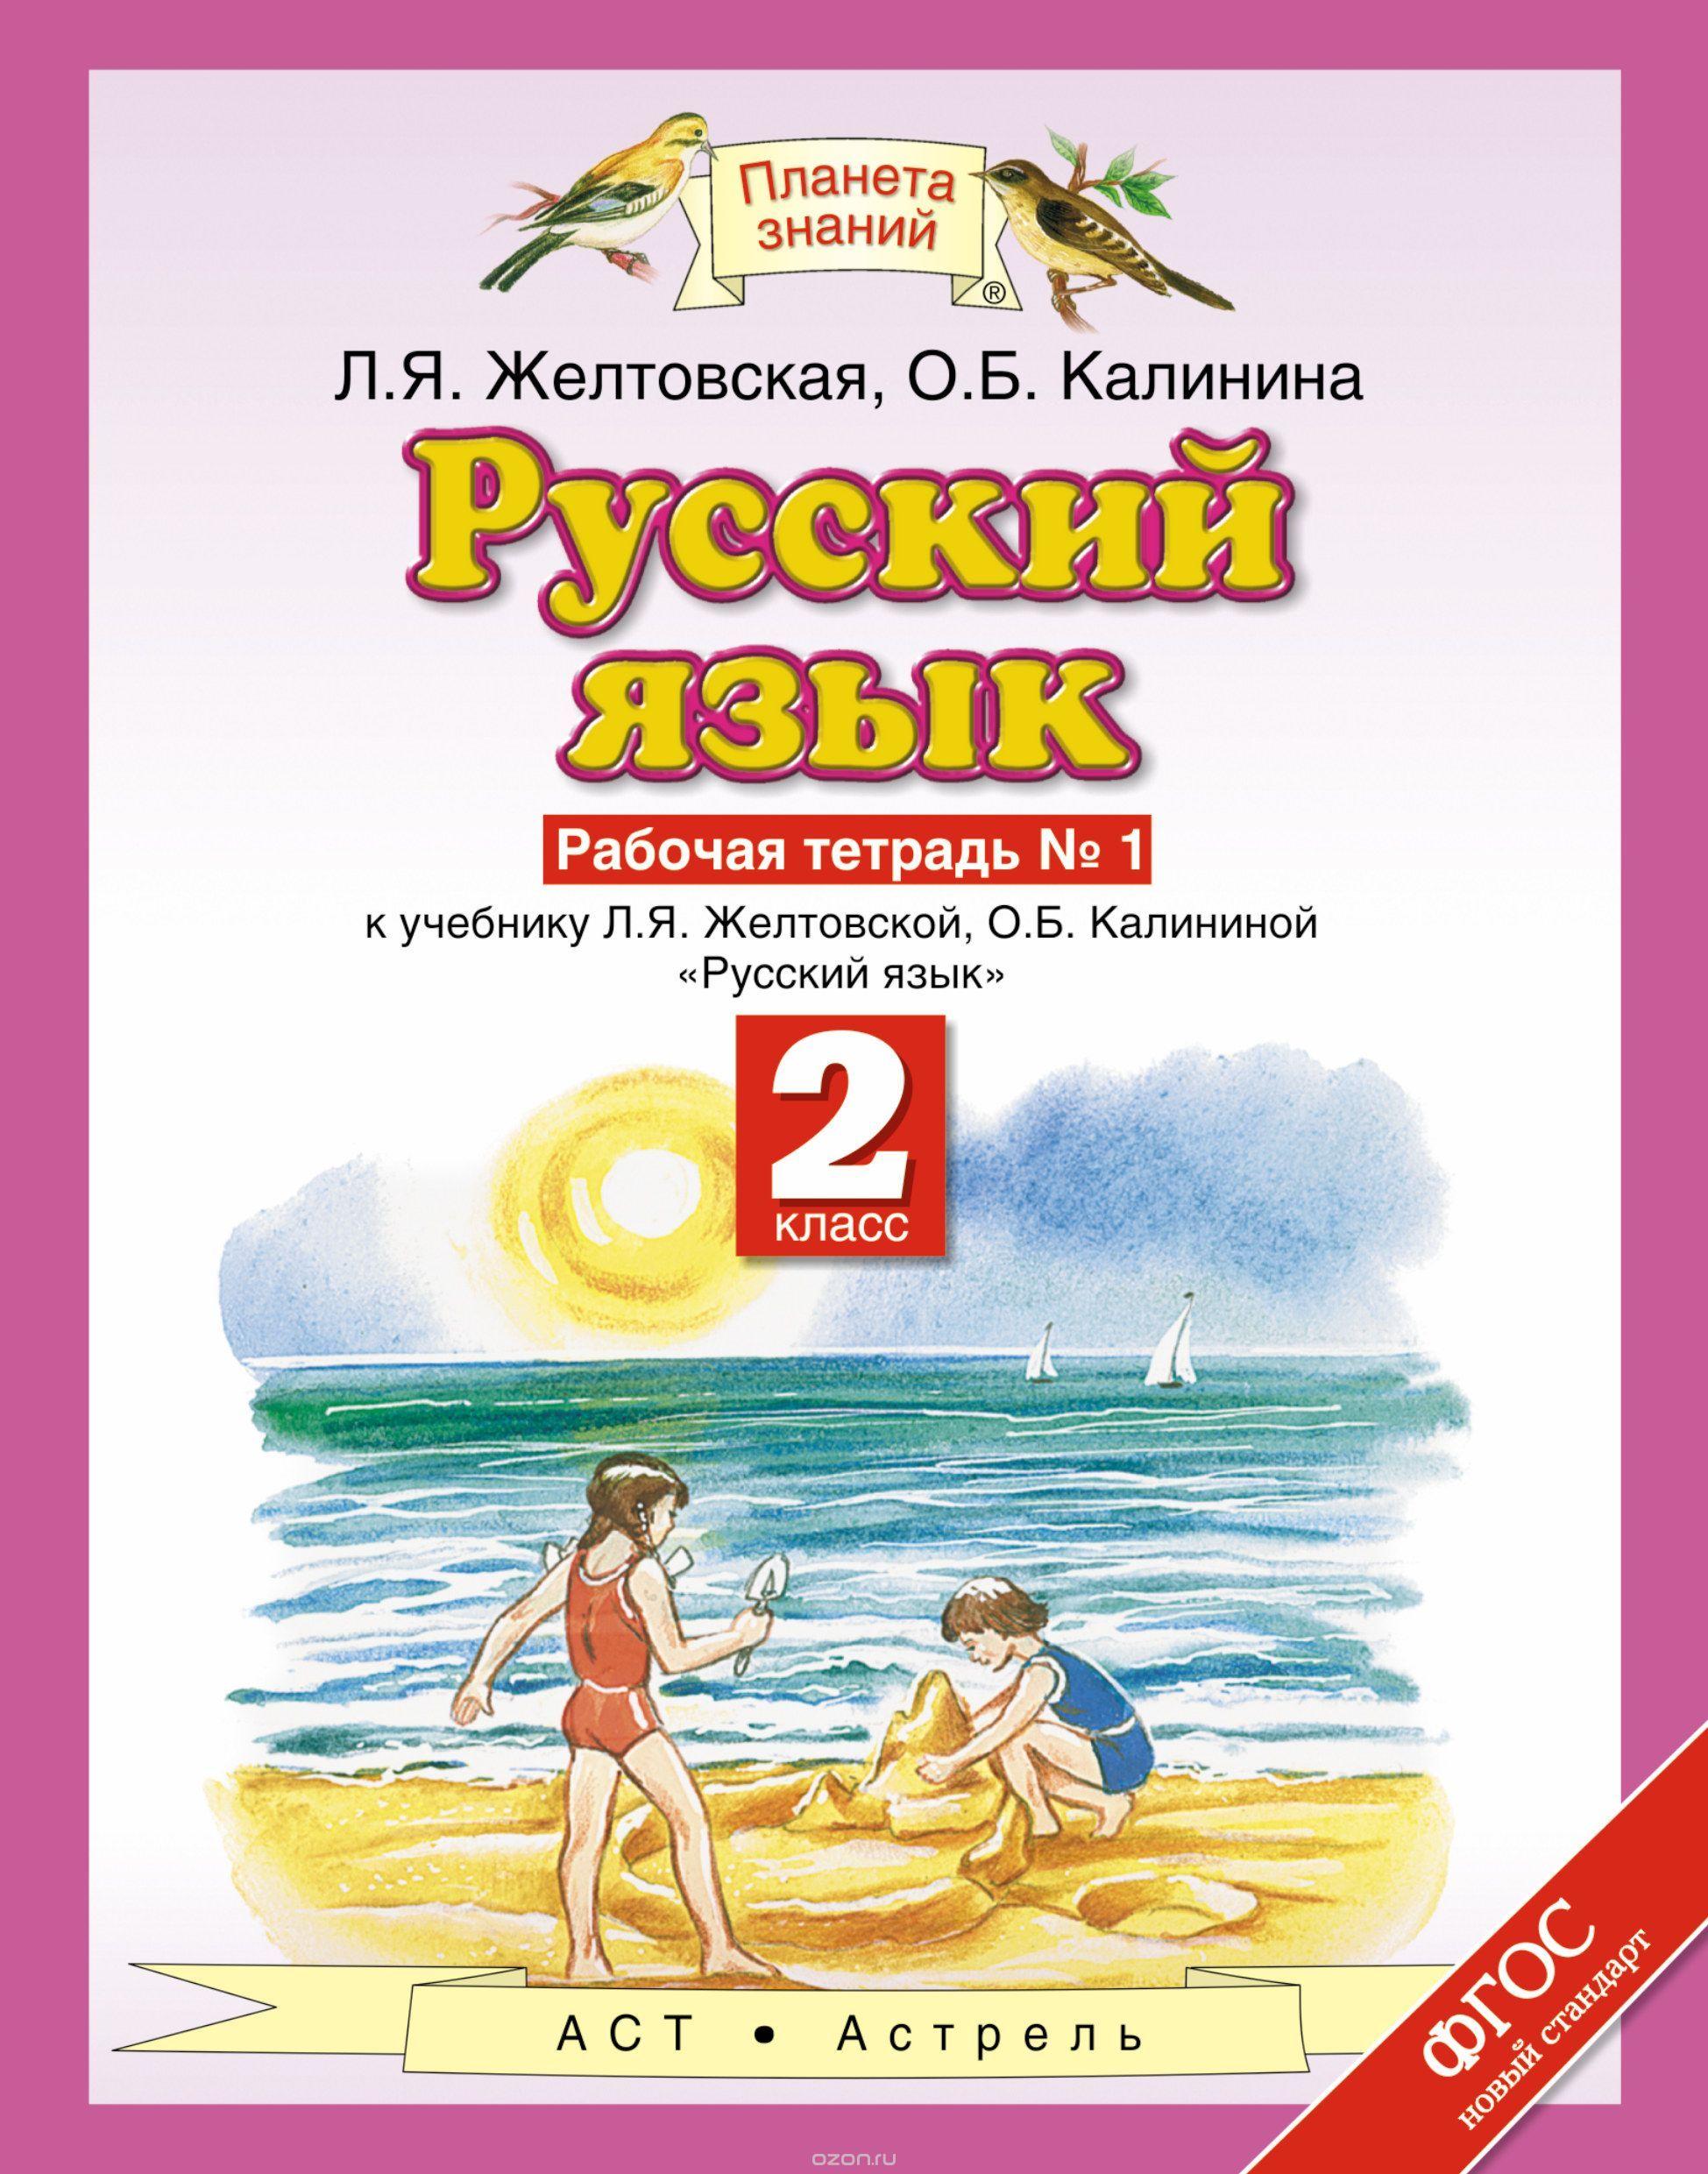 Гдз по русскому языку 3 класс калинина желтовская рабочая тетрадь